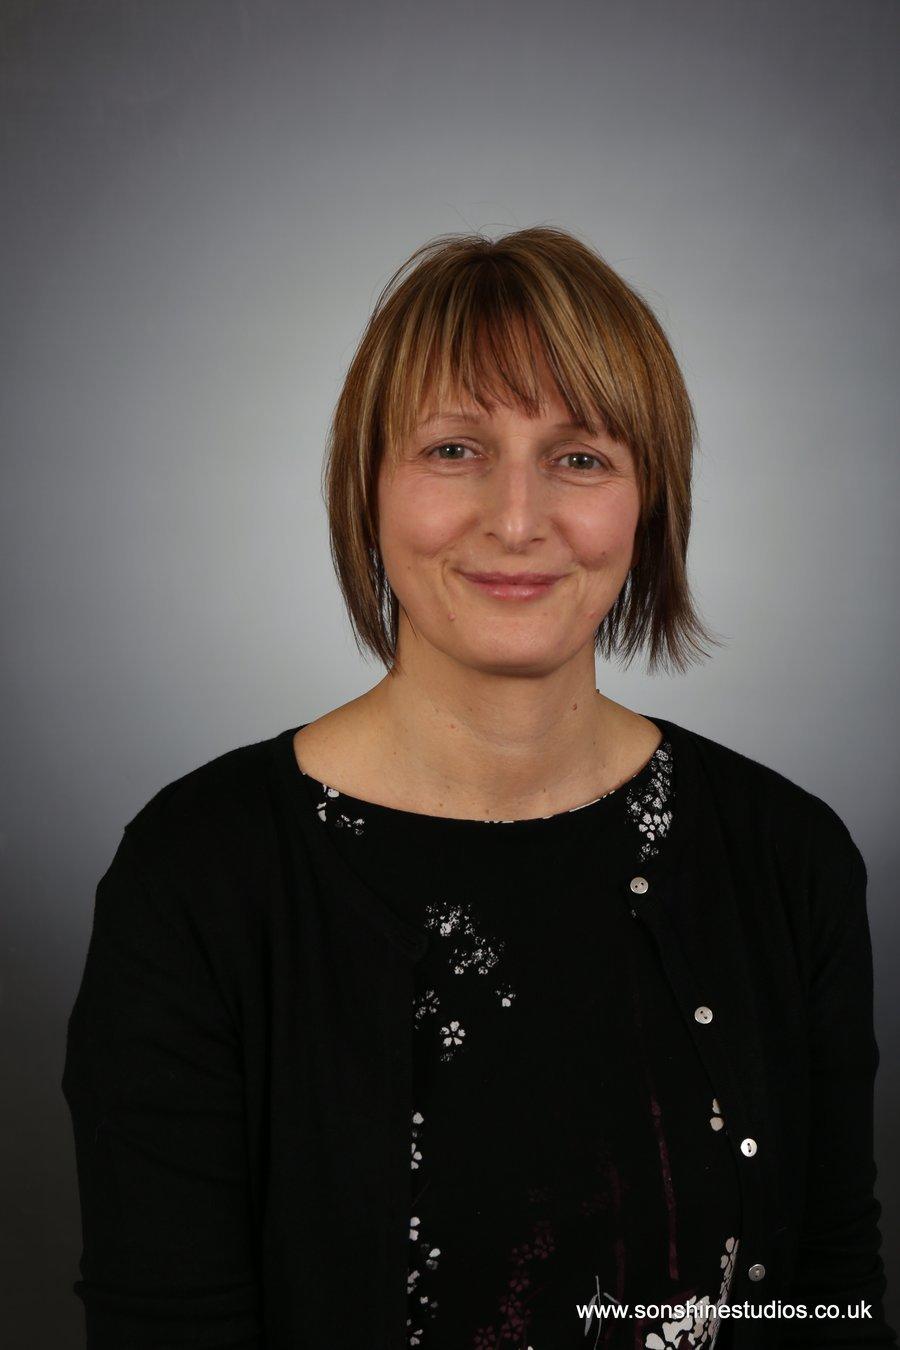 Mrs J Nicholson - Asst Headteacher